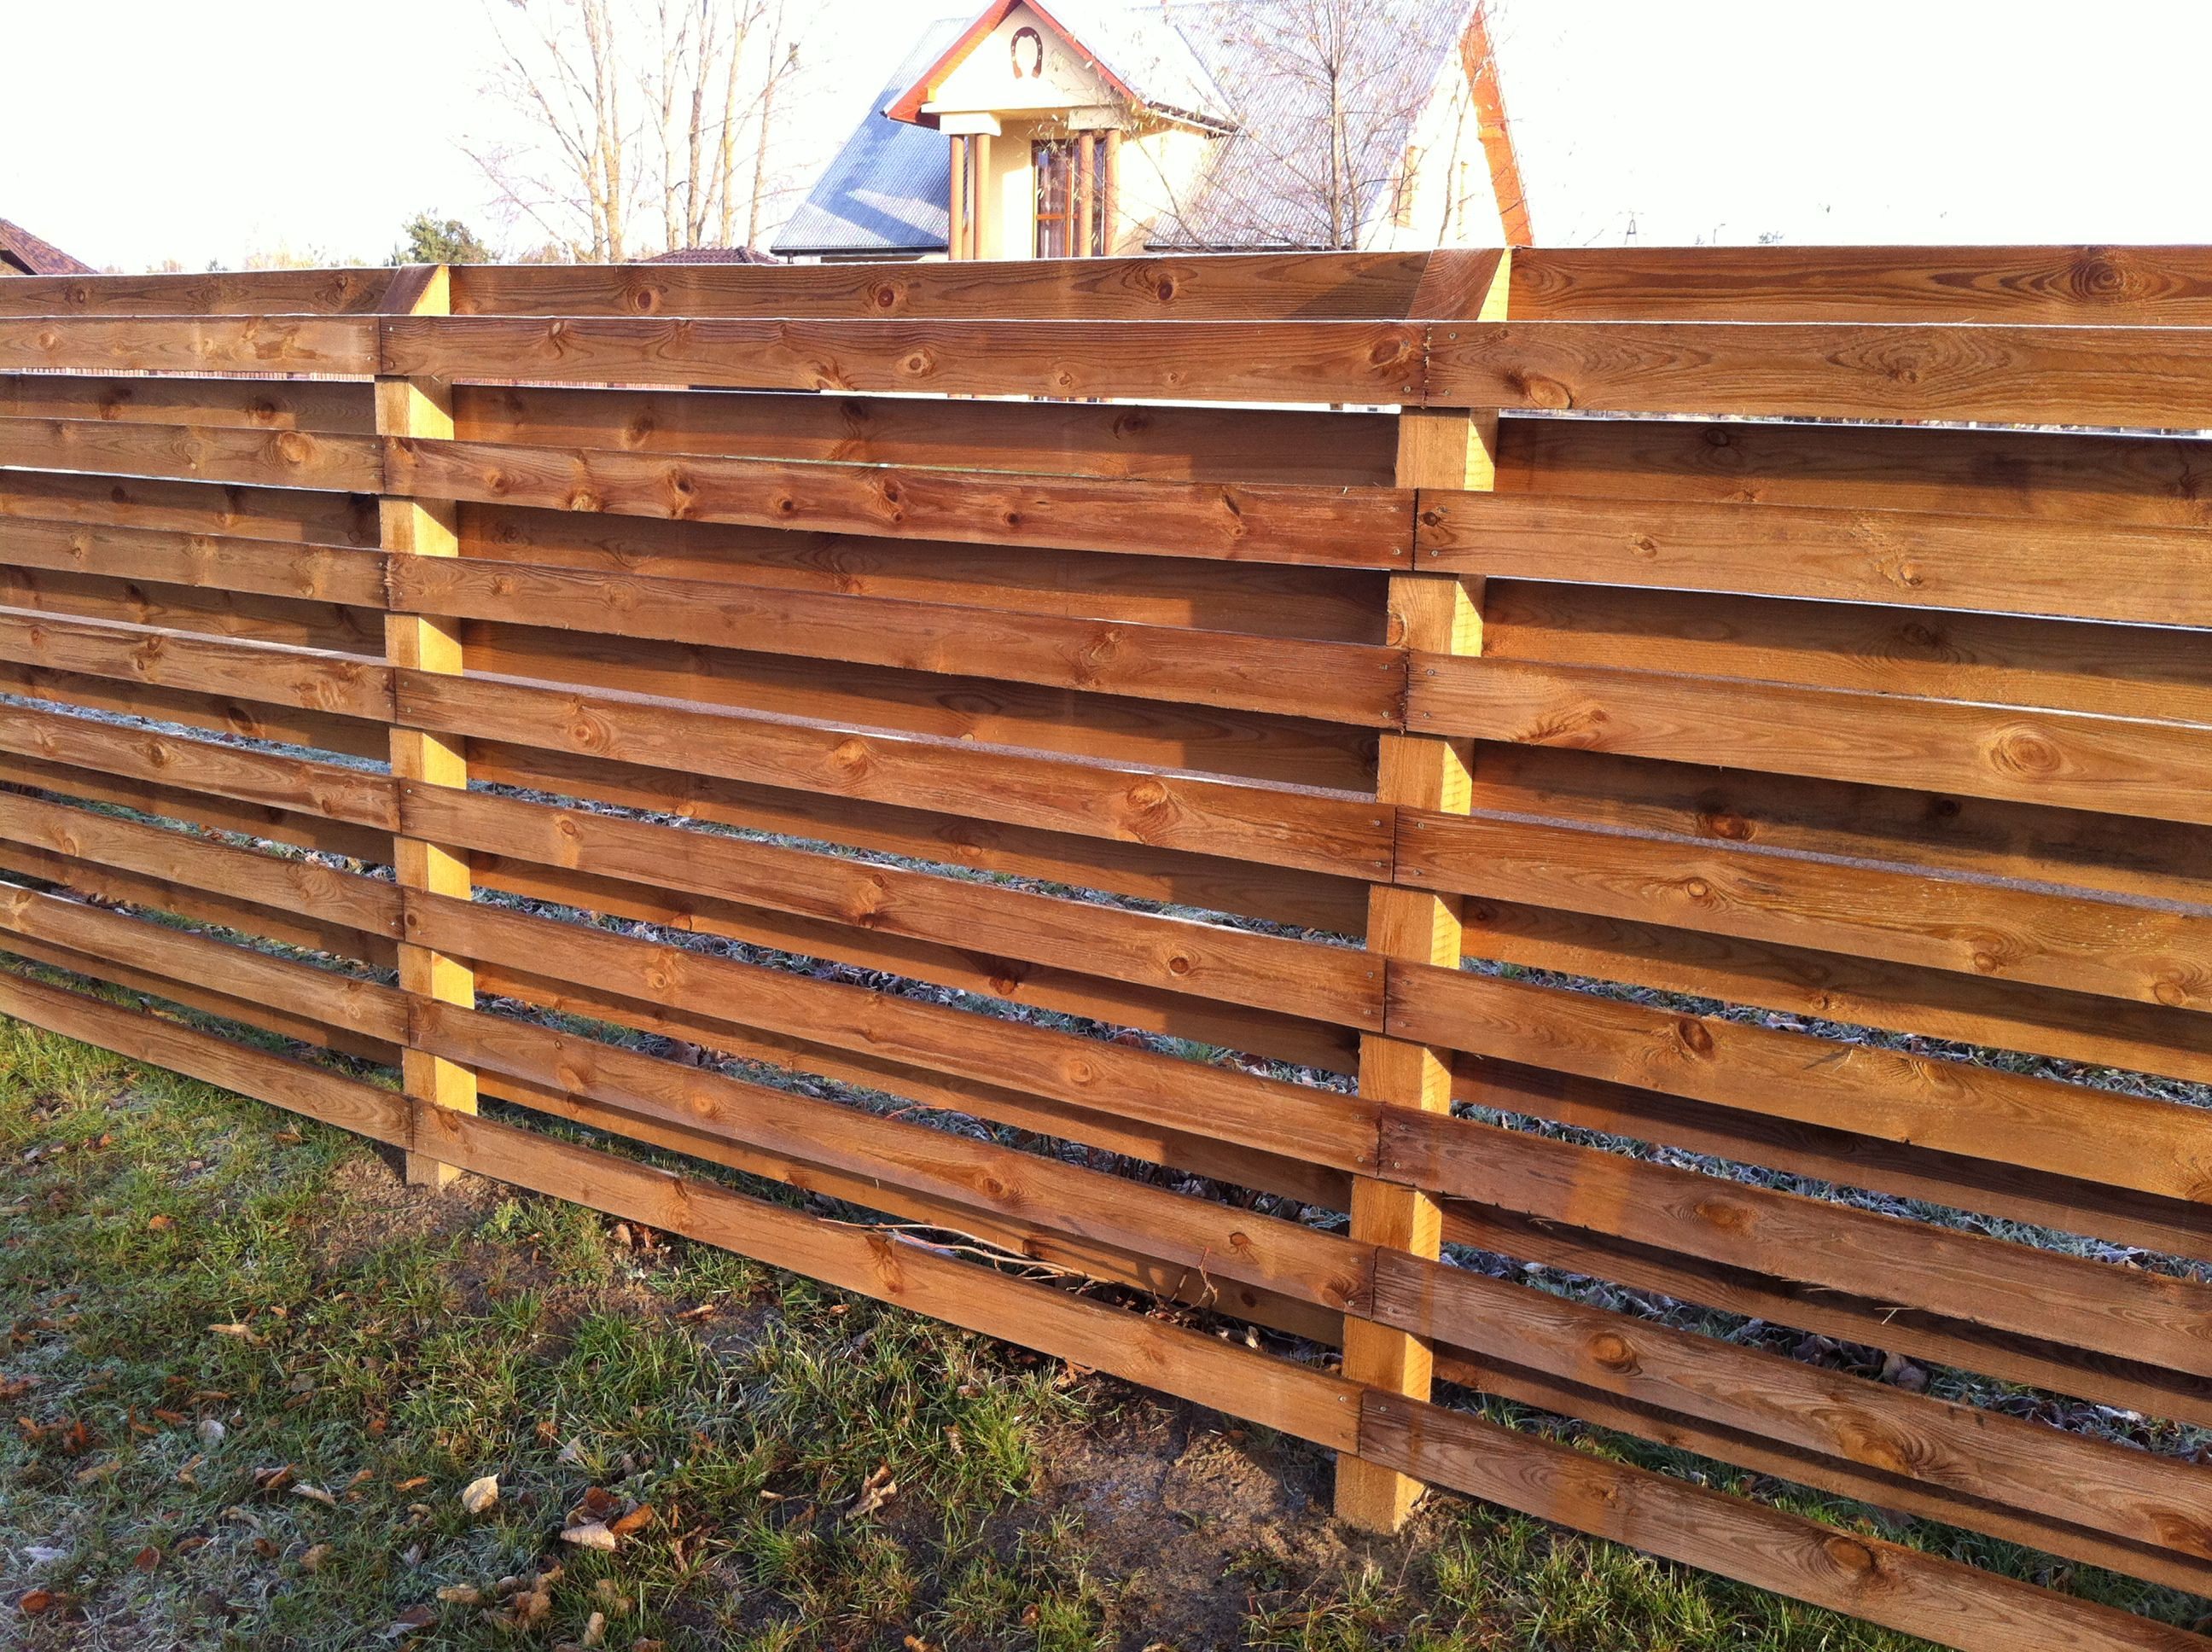 panneaux bois brut 2 jpg 2592 1936 garduri pinterest panneau bois bois brut et brut. Black Bedroom Furniture Sets. Home Design Ideas